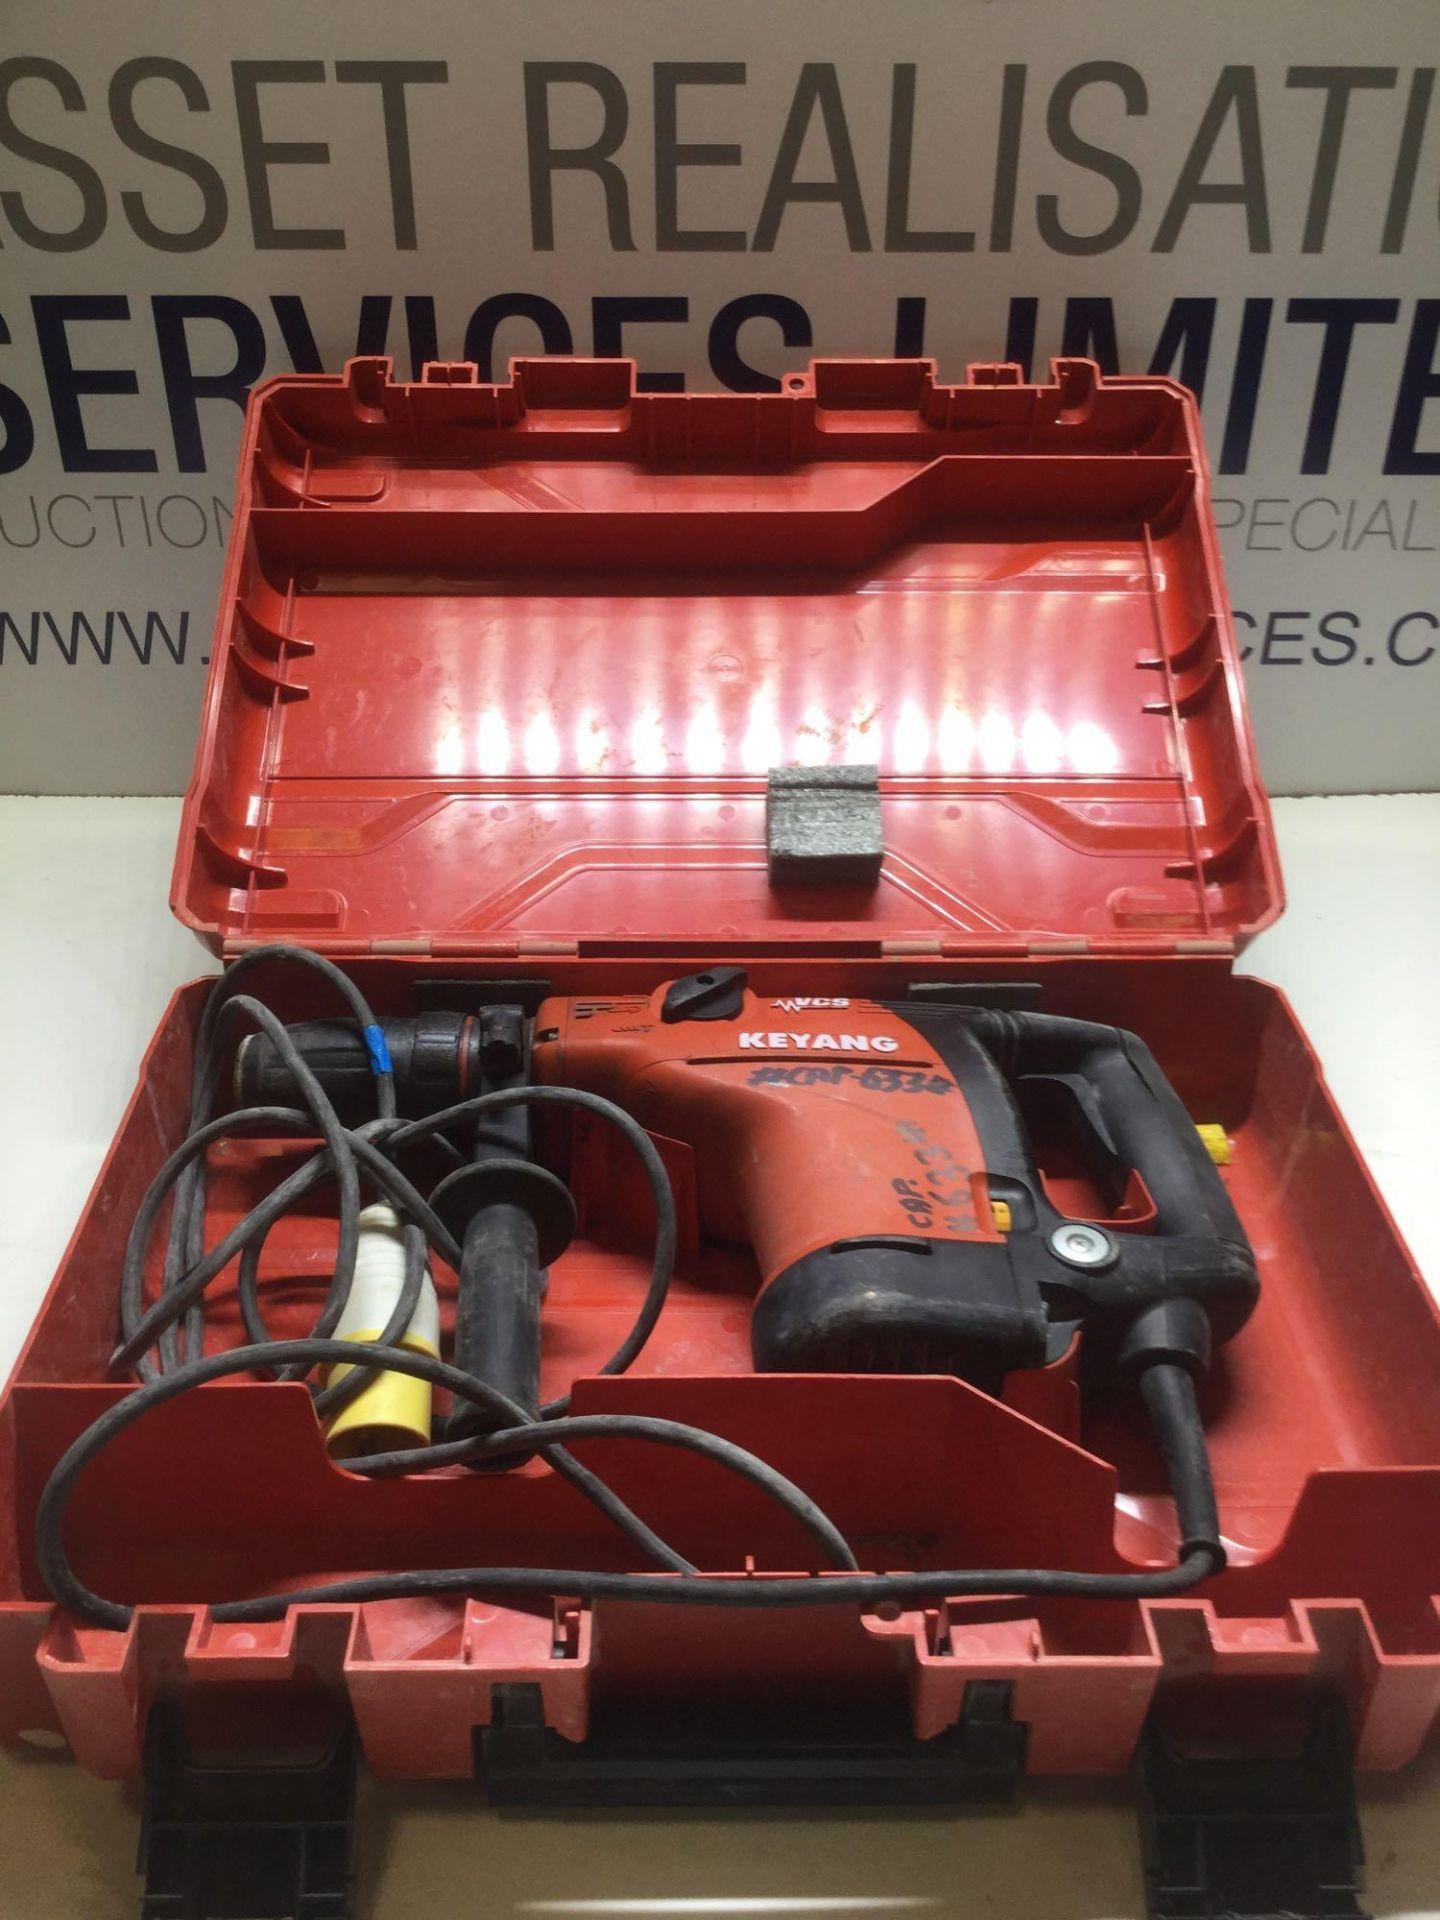 Lot 15 - Keyang VCS Hammer Drill 1100 W 110v